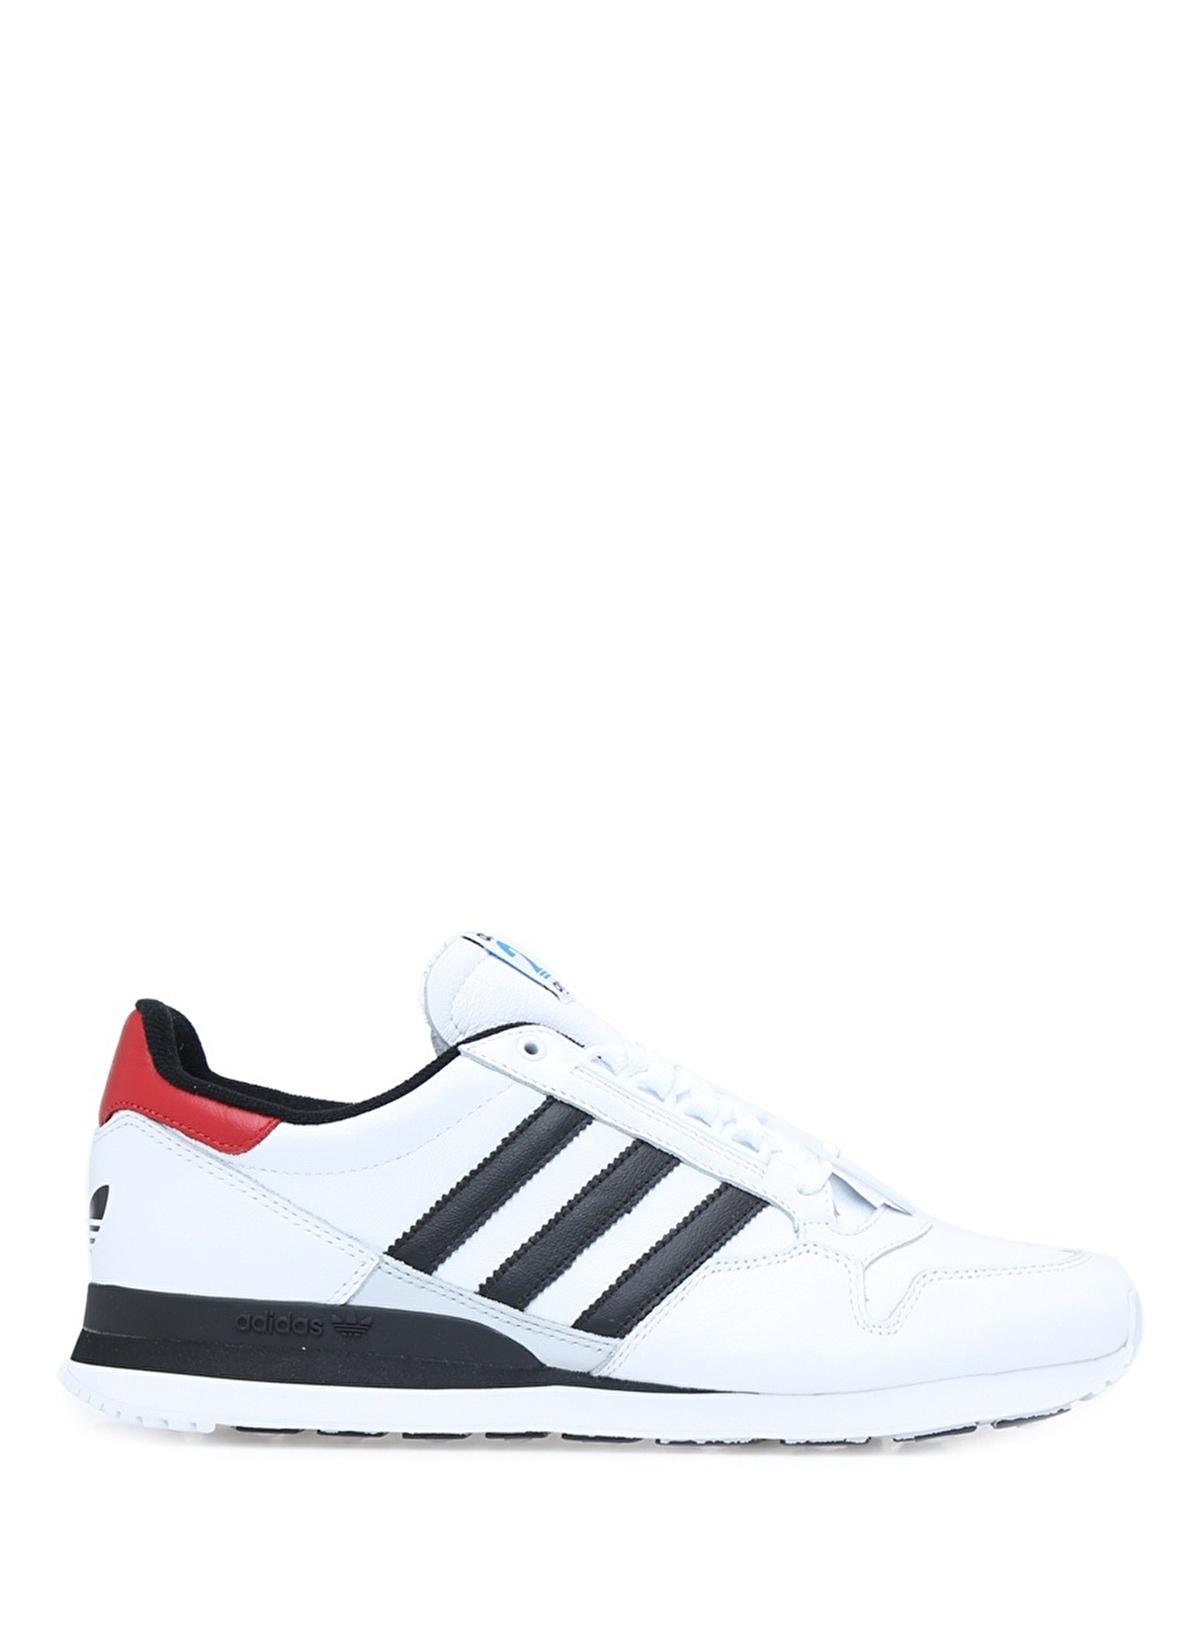 98c1c2f5a230b ... where to buy adidas 100927654 e zx 500 og ngo sneakers renkli 4eece  630c5